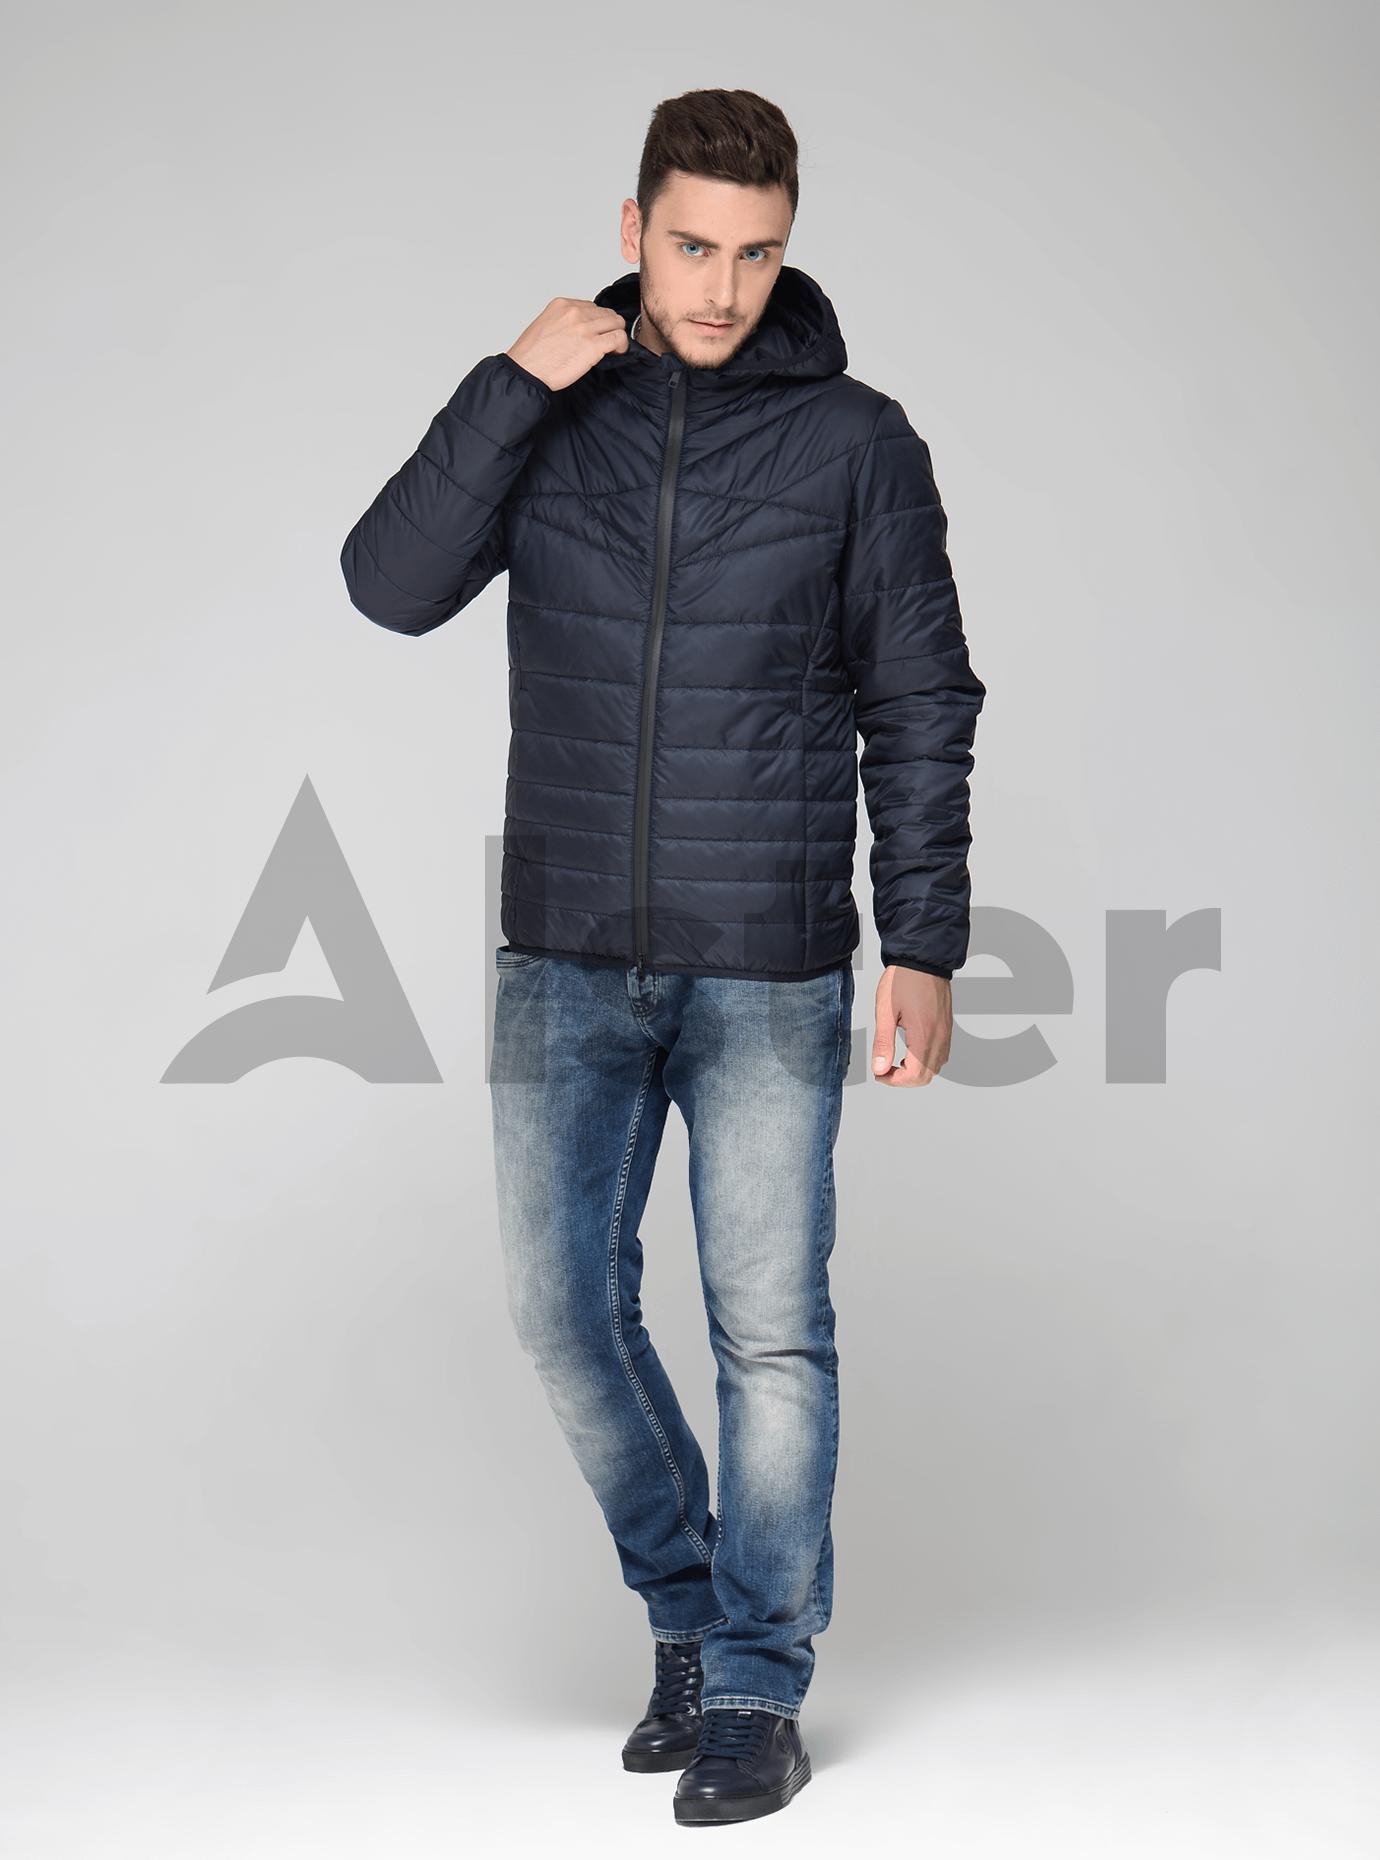 Мужская демисезонная куртка Синий 48 (02-KT190552): фото - Alster.ua